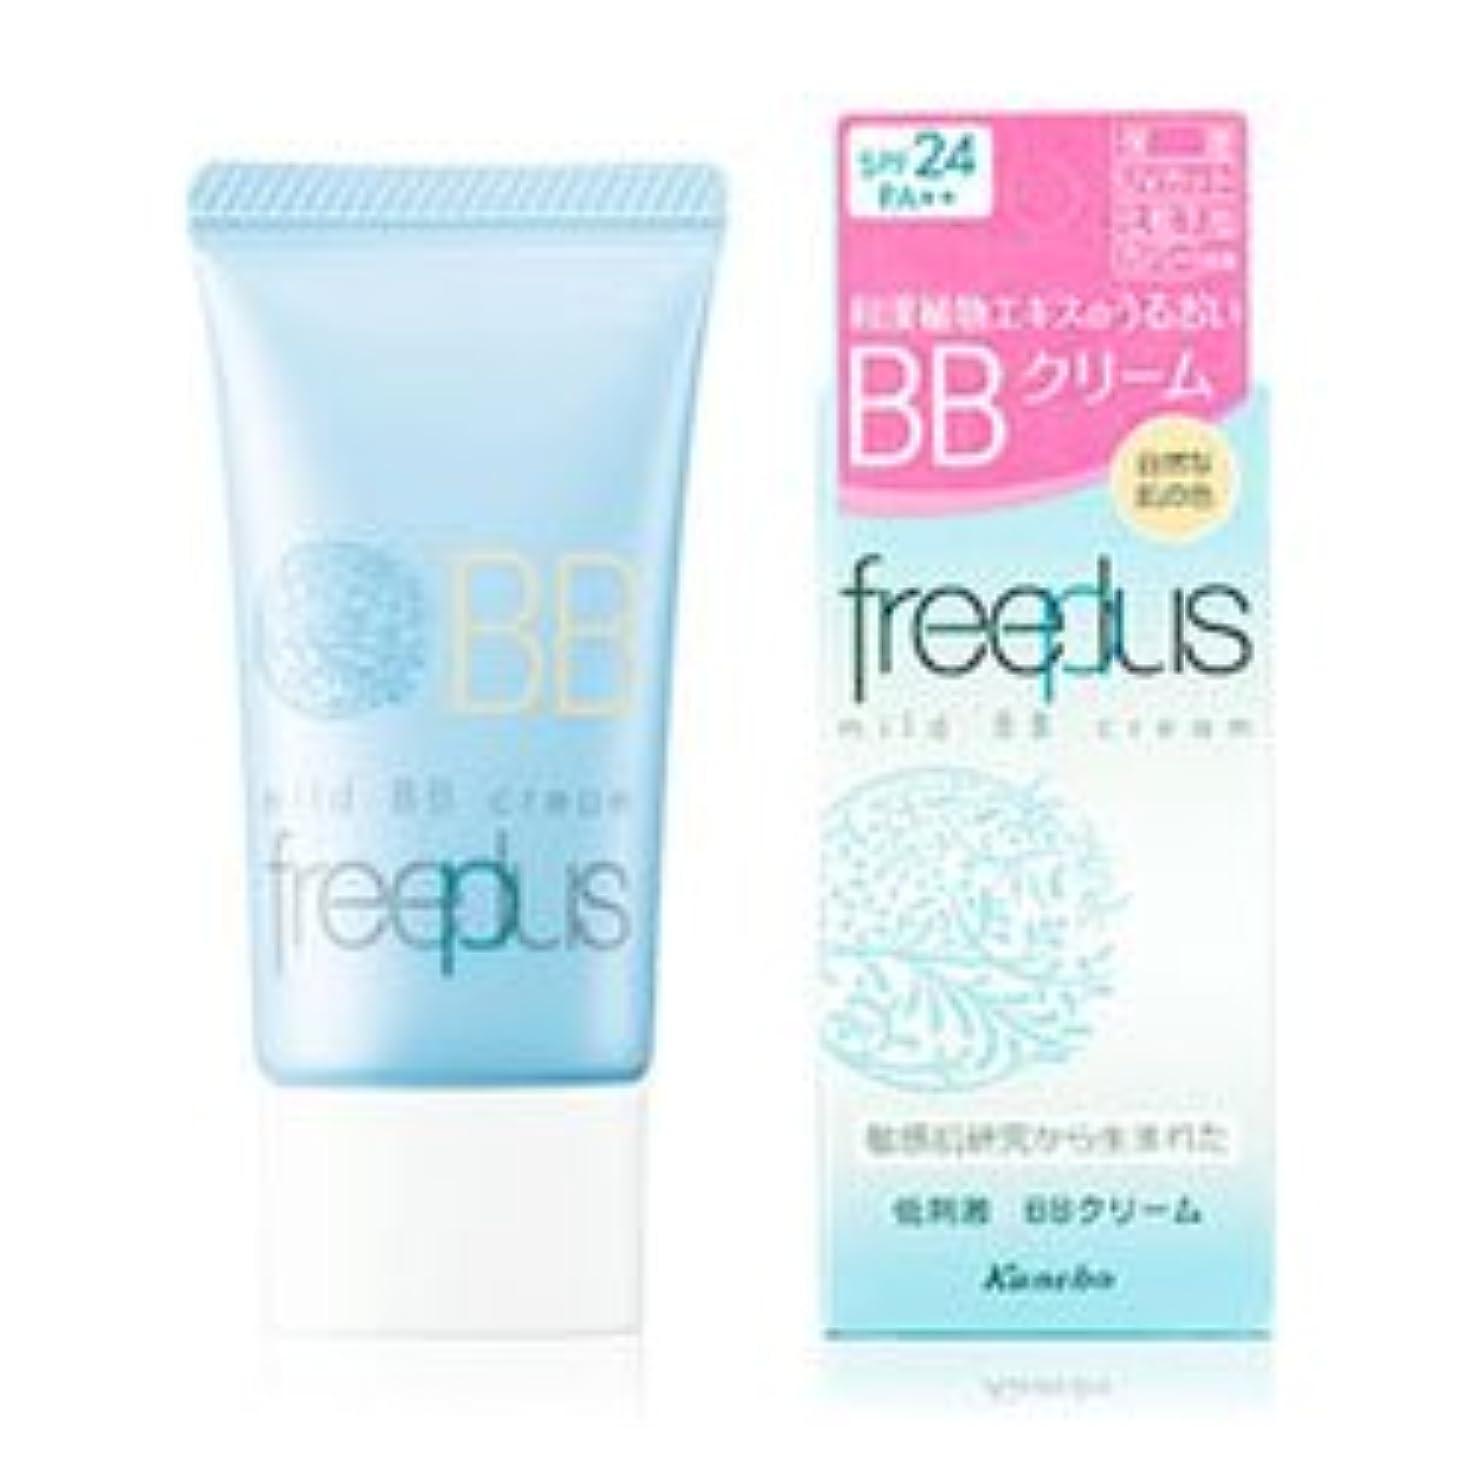 有能な給料再現する【カネボウ化粧品】freeplus フリープラス 30g ×3個セット